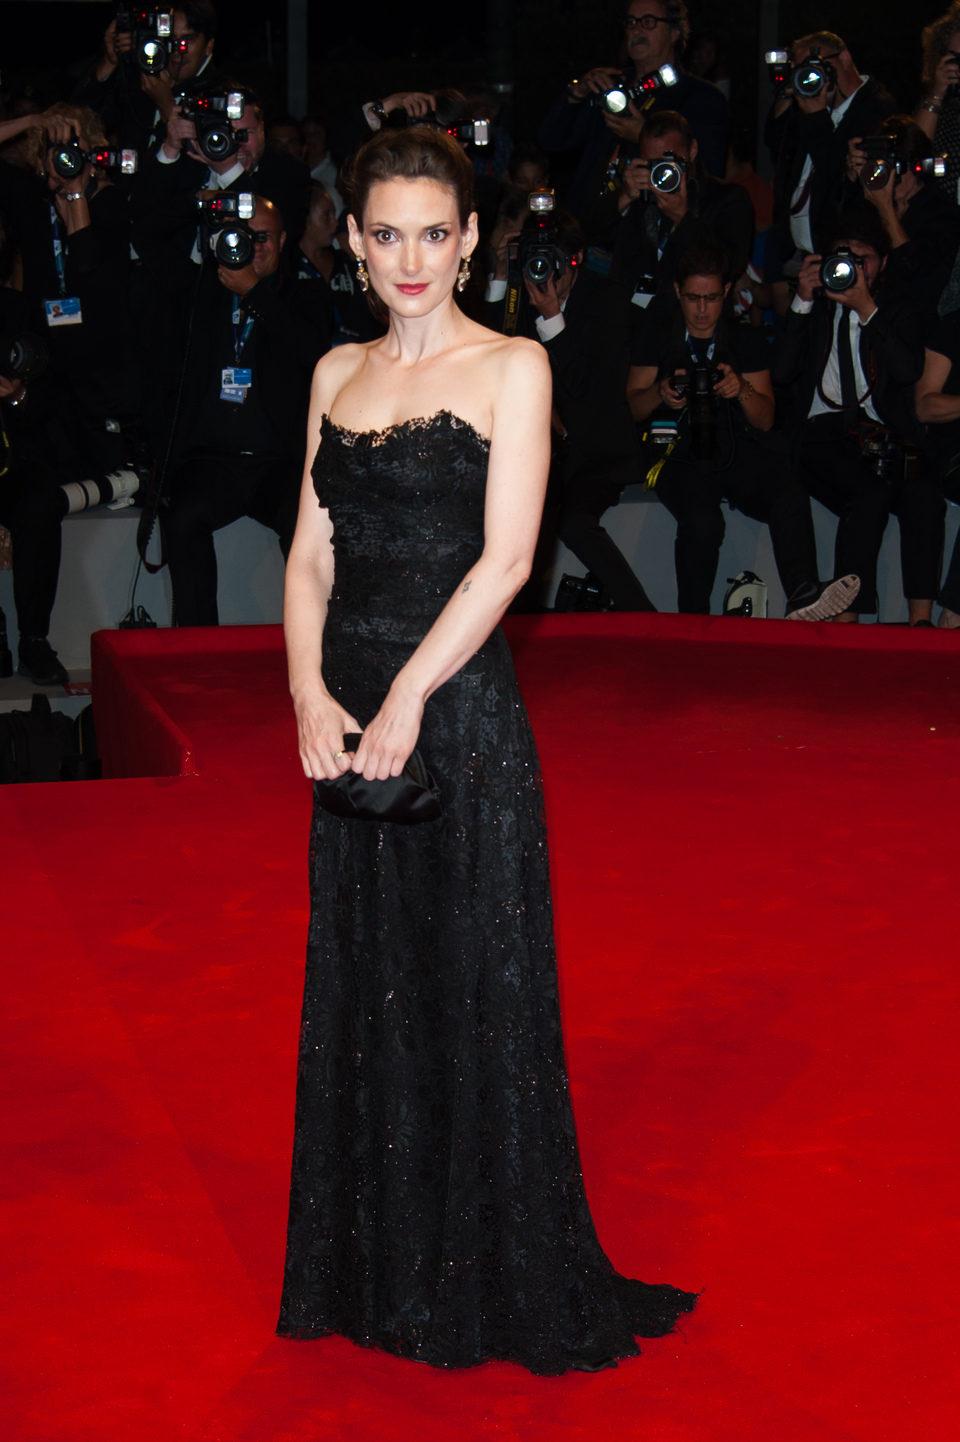 Winona Ryder en la Mostra de Venecia 2012